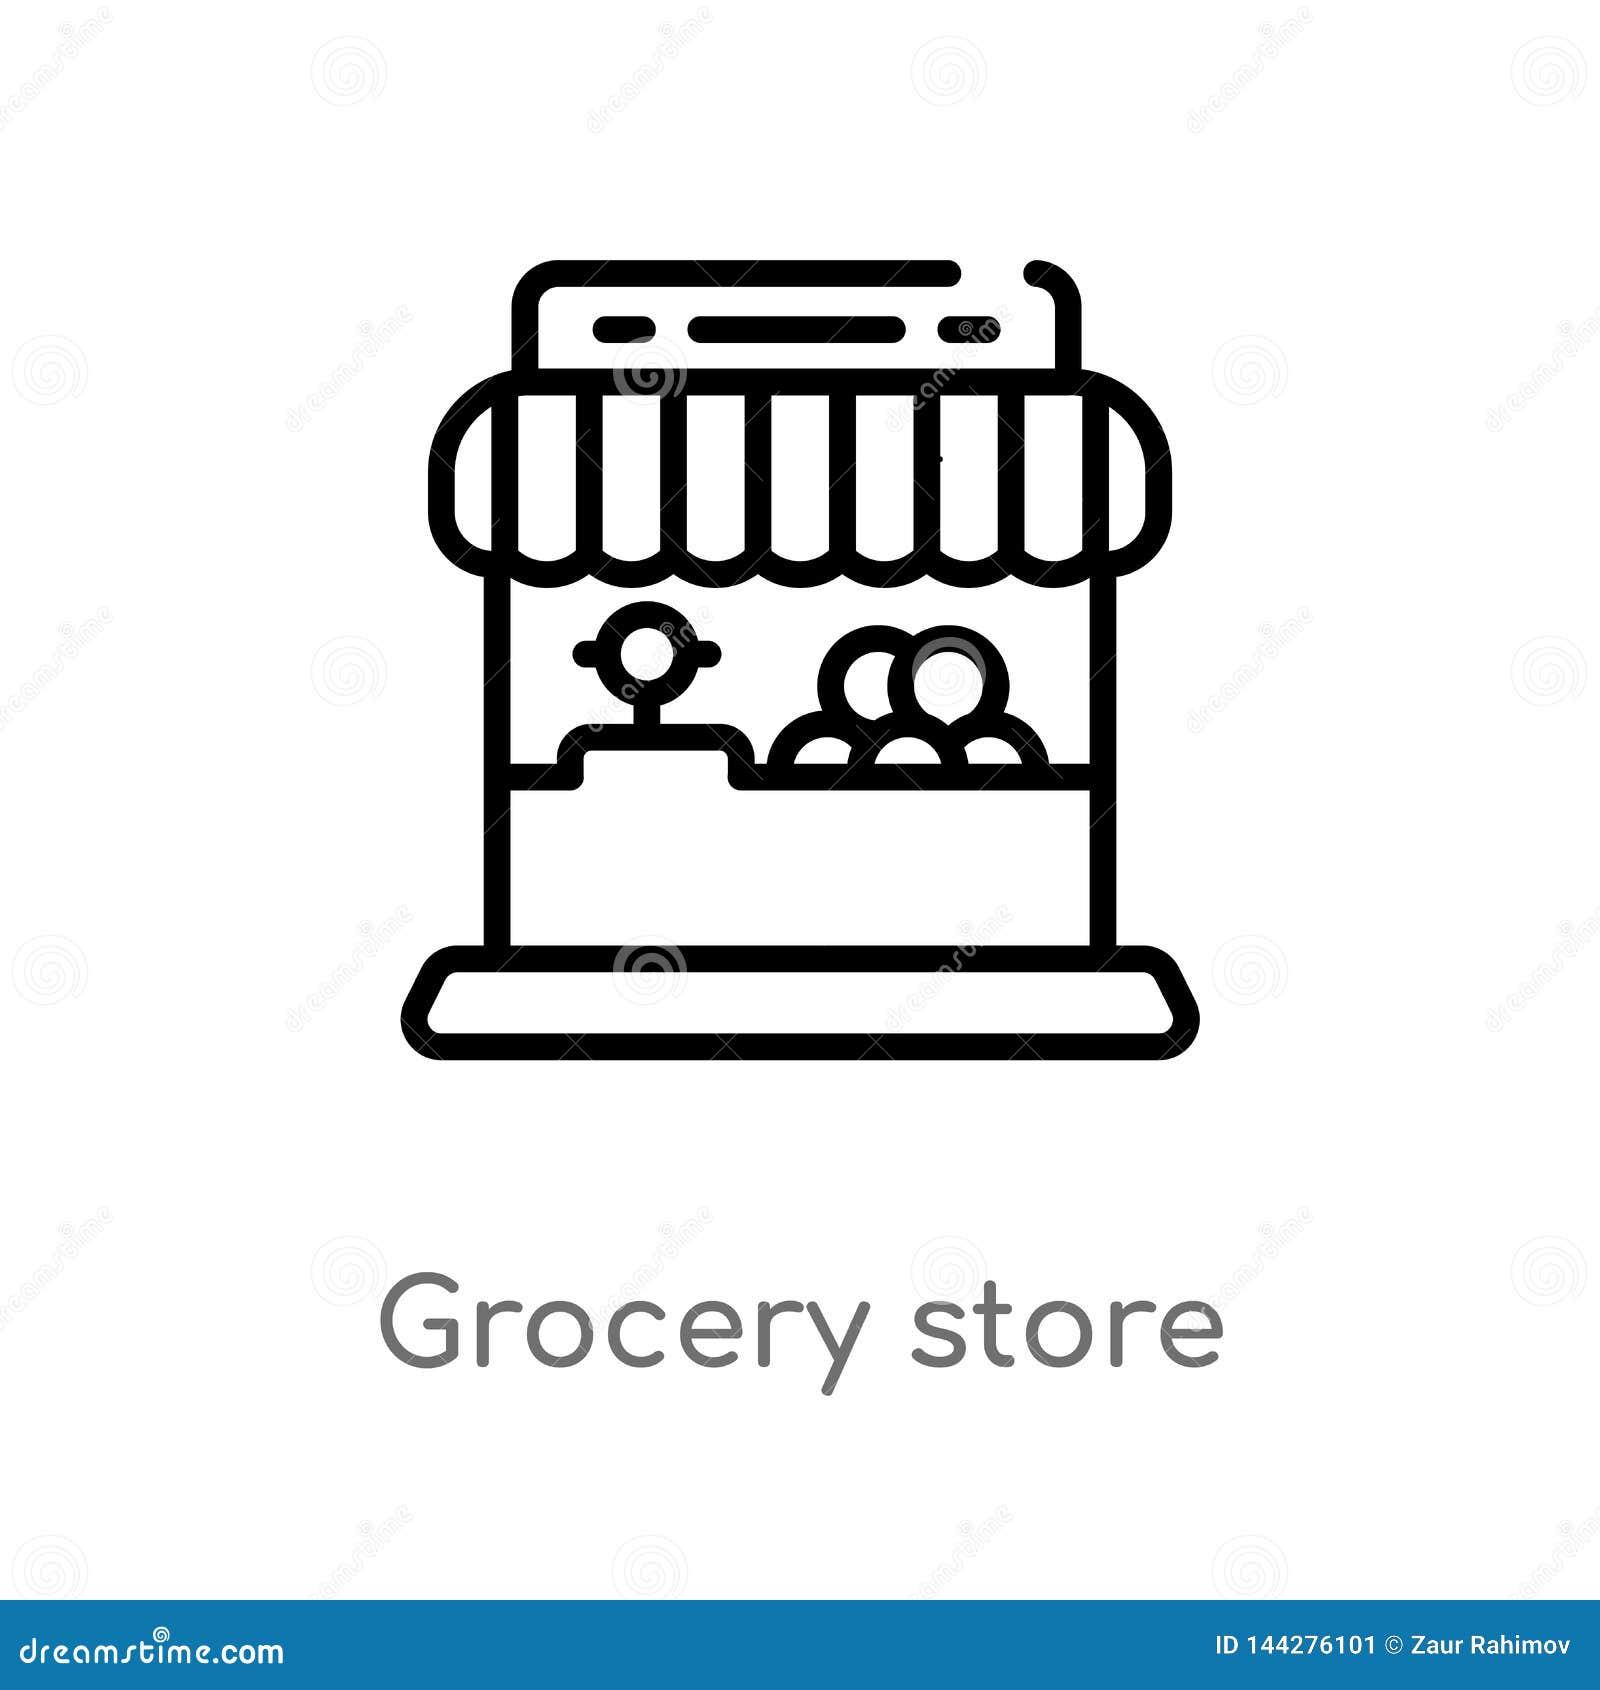 De opslag vectorpictogram van de overzichtskruidenierswinkel de ge?soleerde zwarte eenvoudige illustratie van het lijnelement van